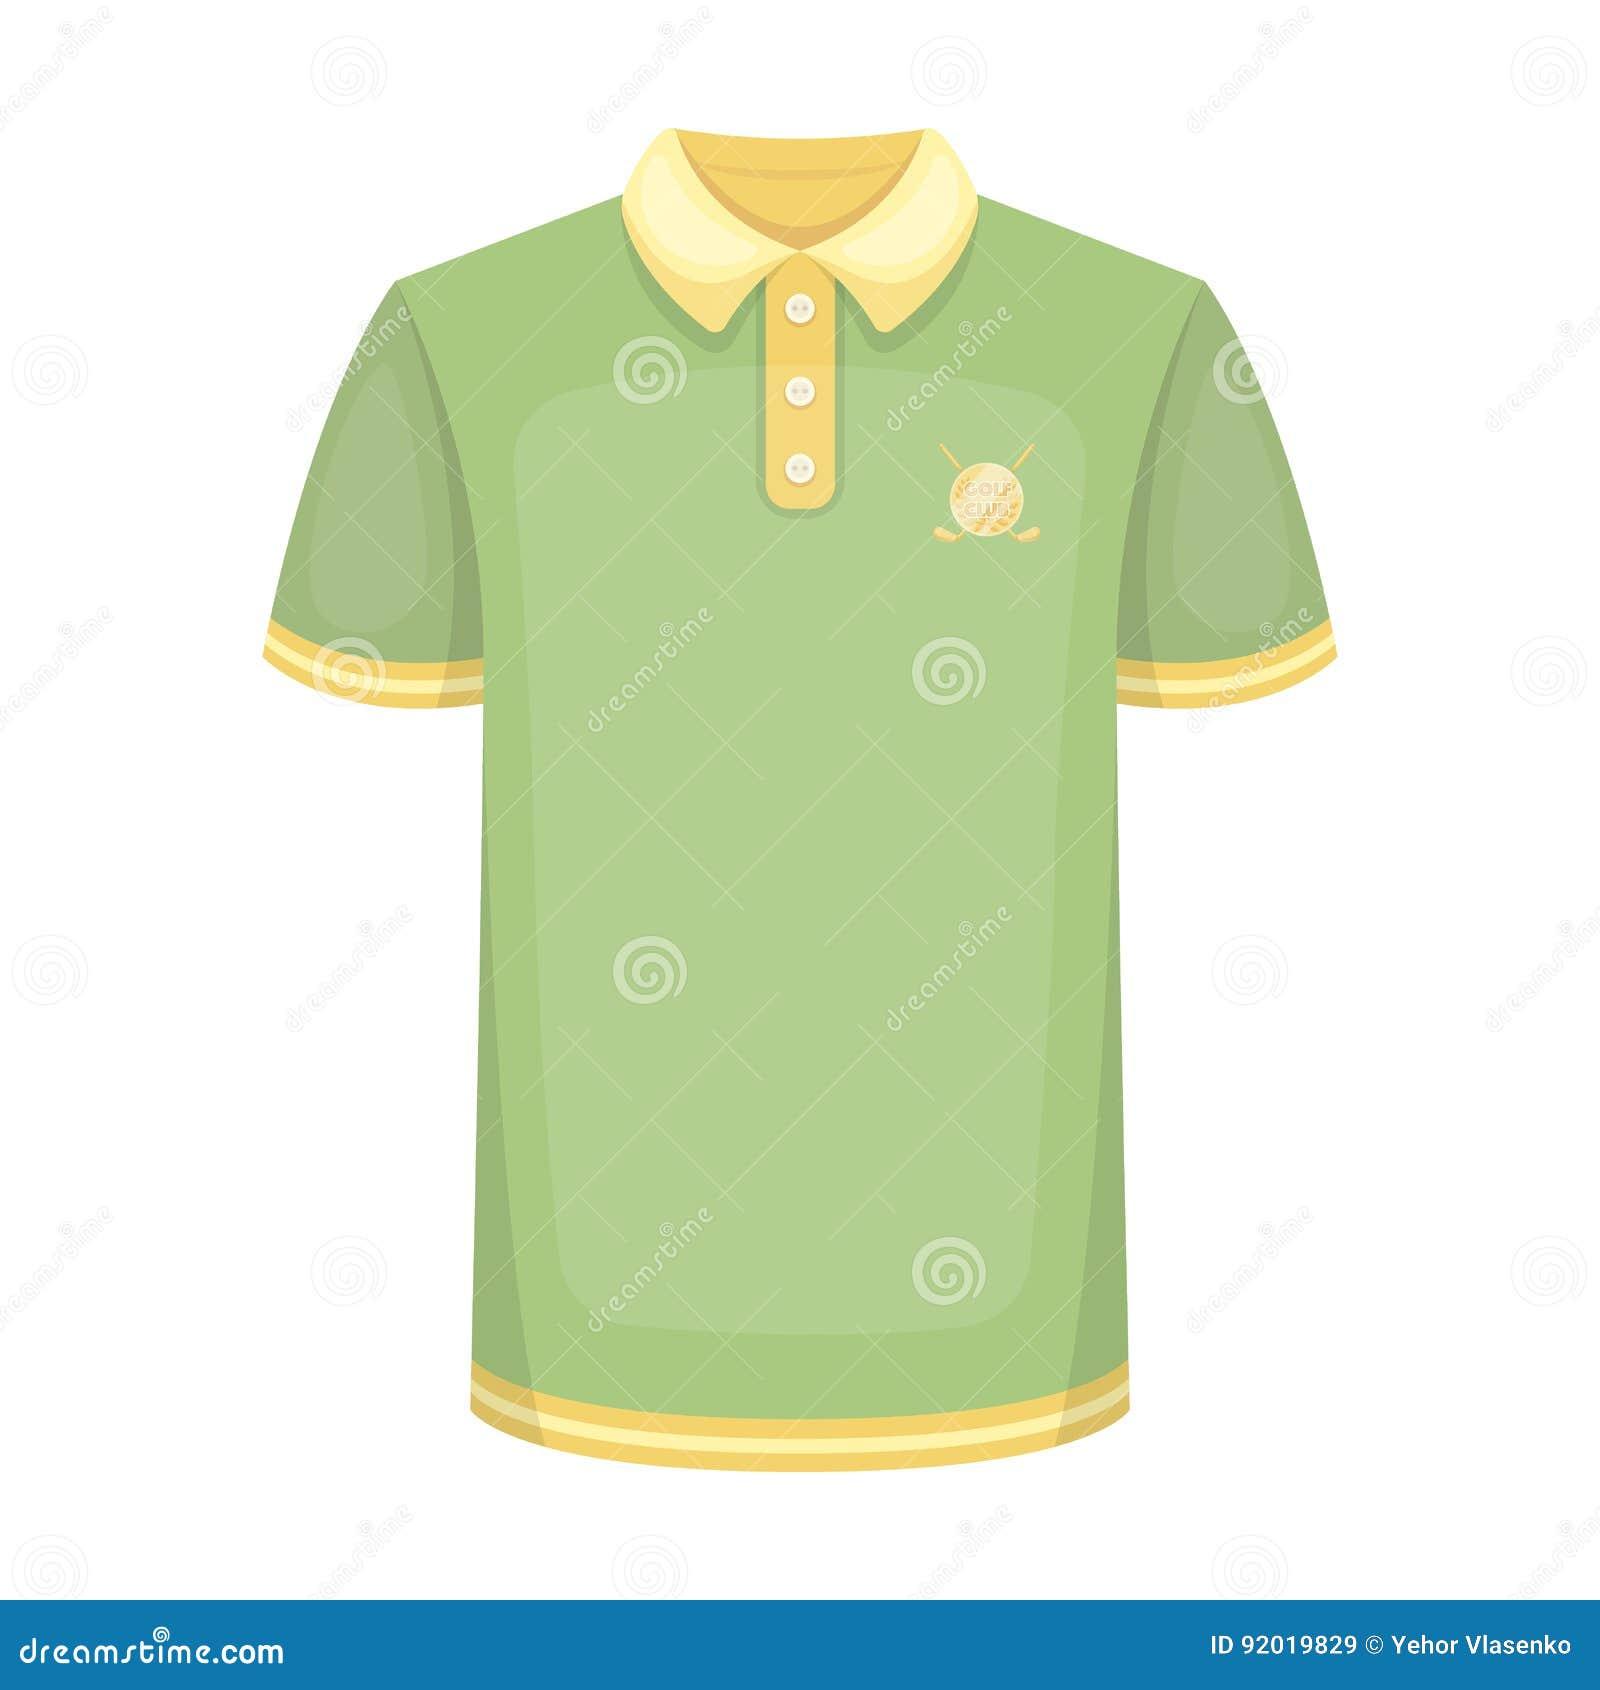 de3f4f88afc6d Camisa uniforme para o golfe Ícone do clube de golfe único na ilustração do  estoque do símbolo do vetor do estilo dos desenhos animados